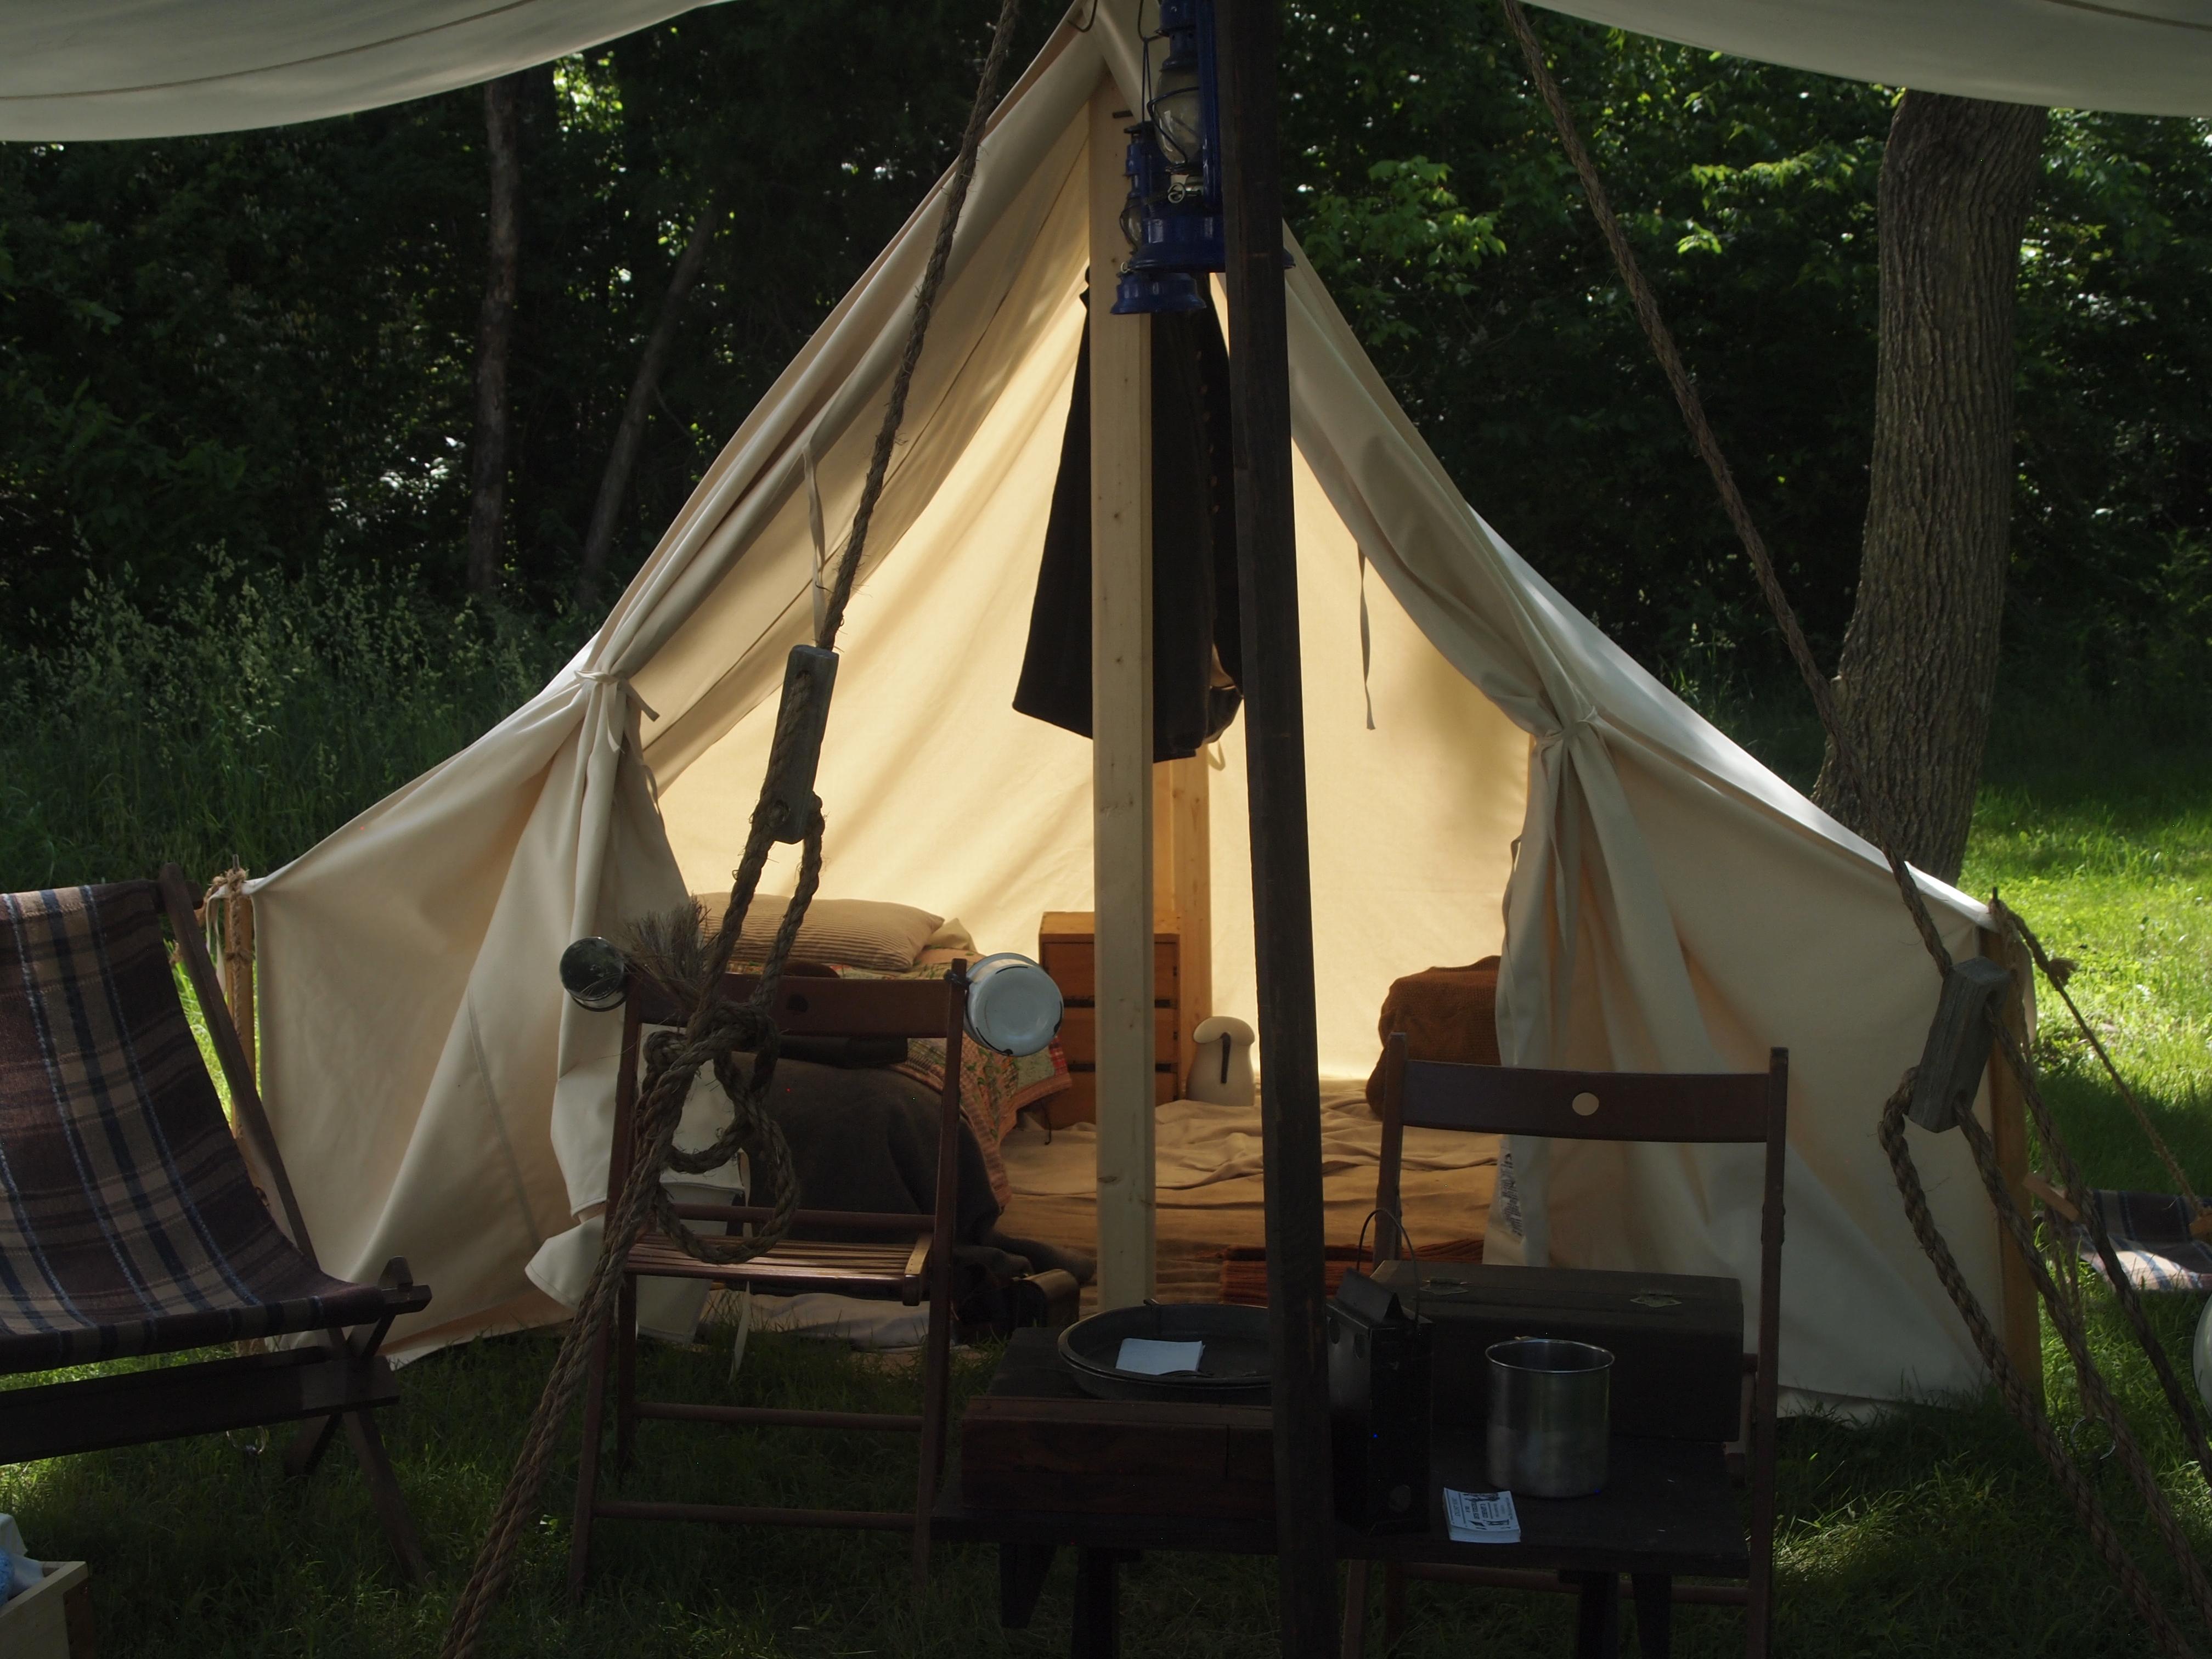 Civil War Tents : A civil war encampment at sully plantation general